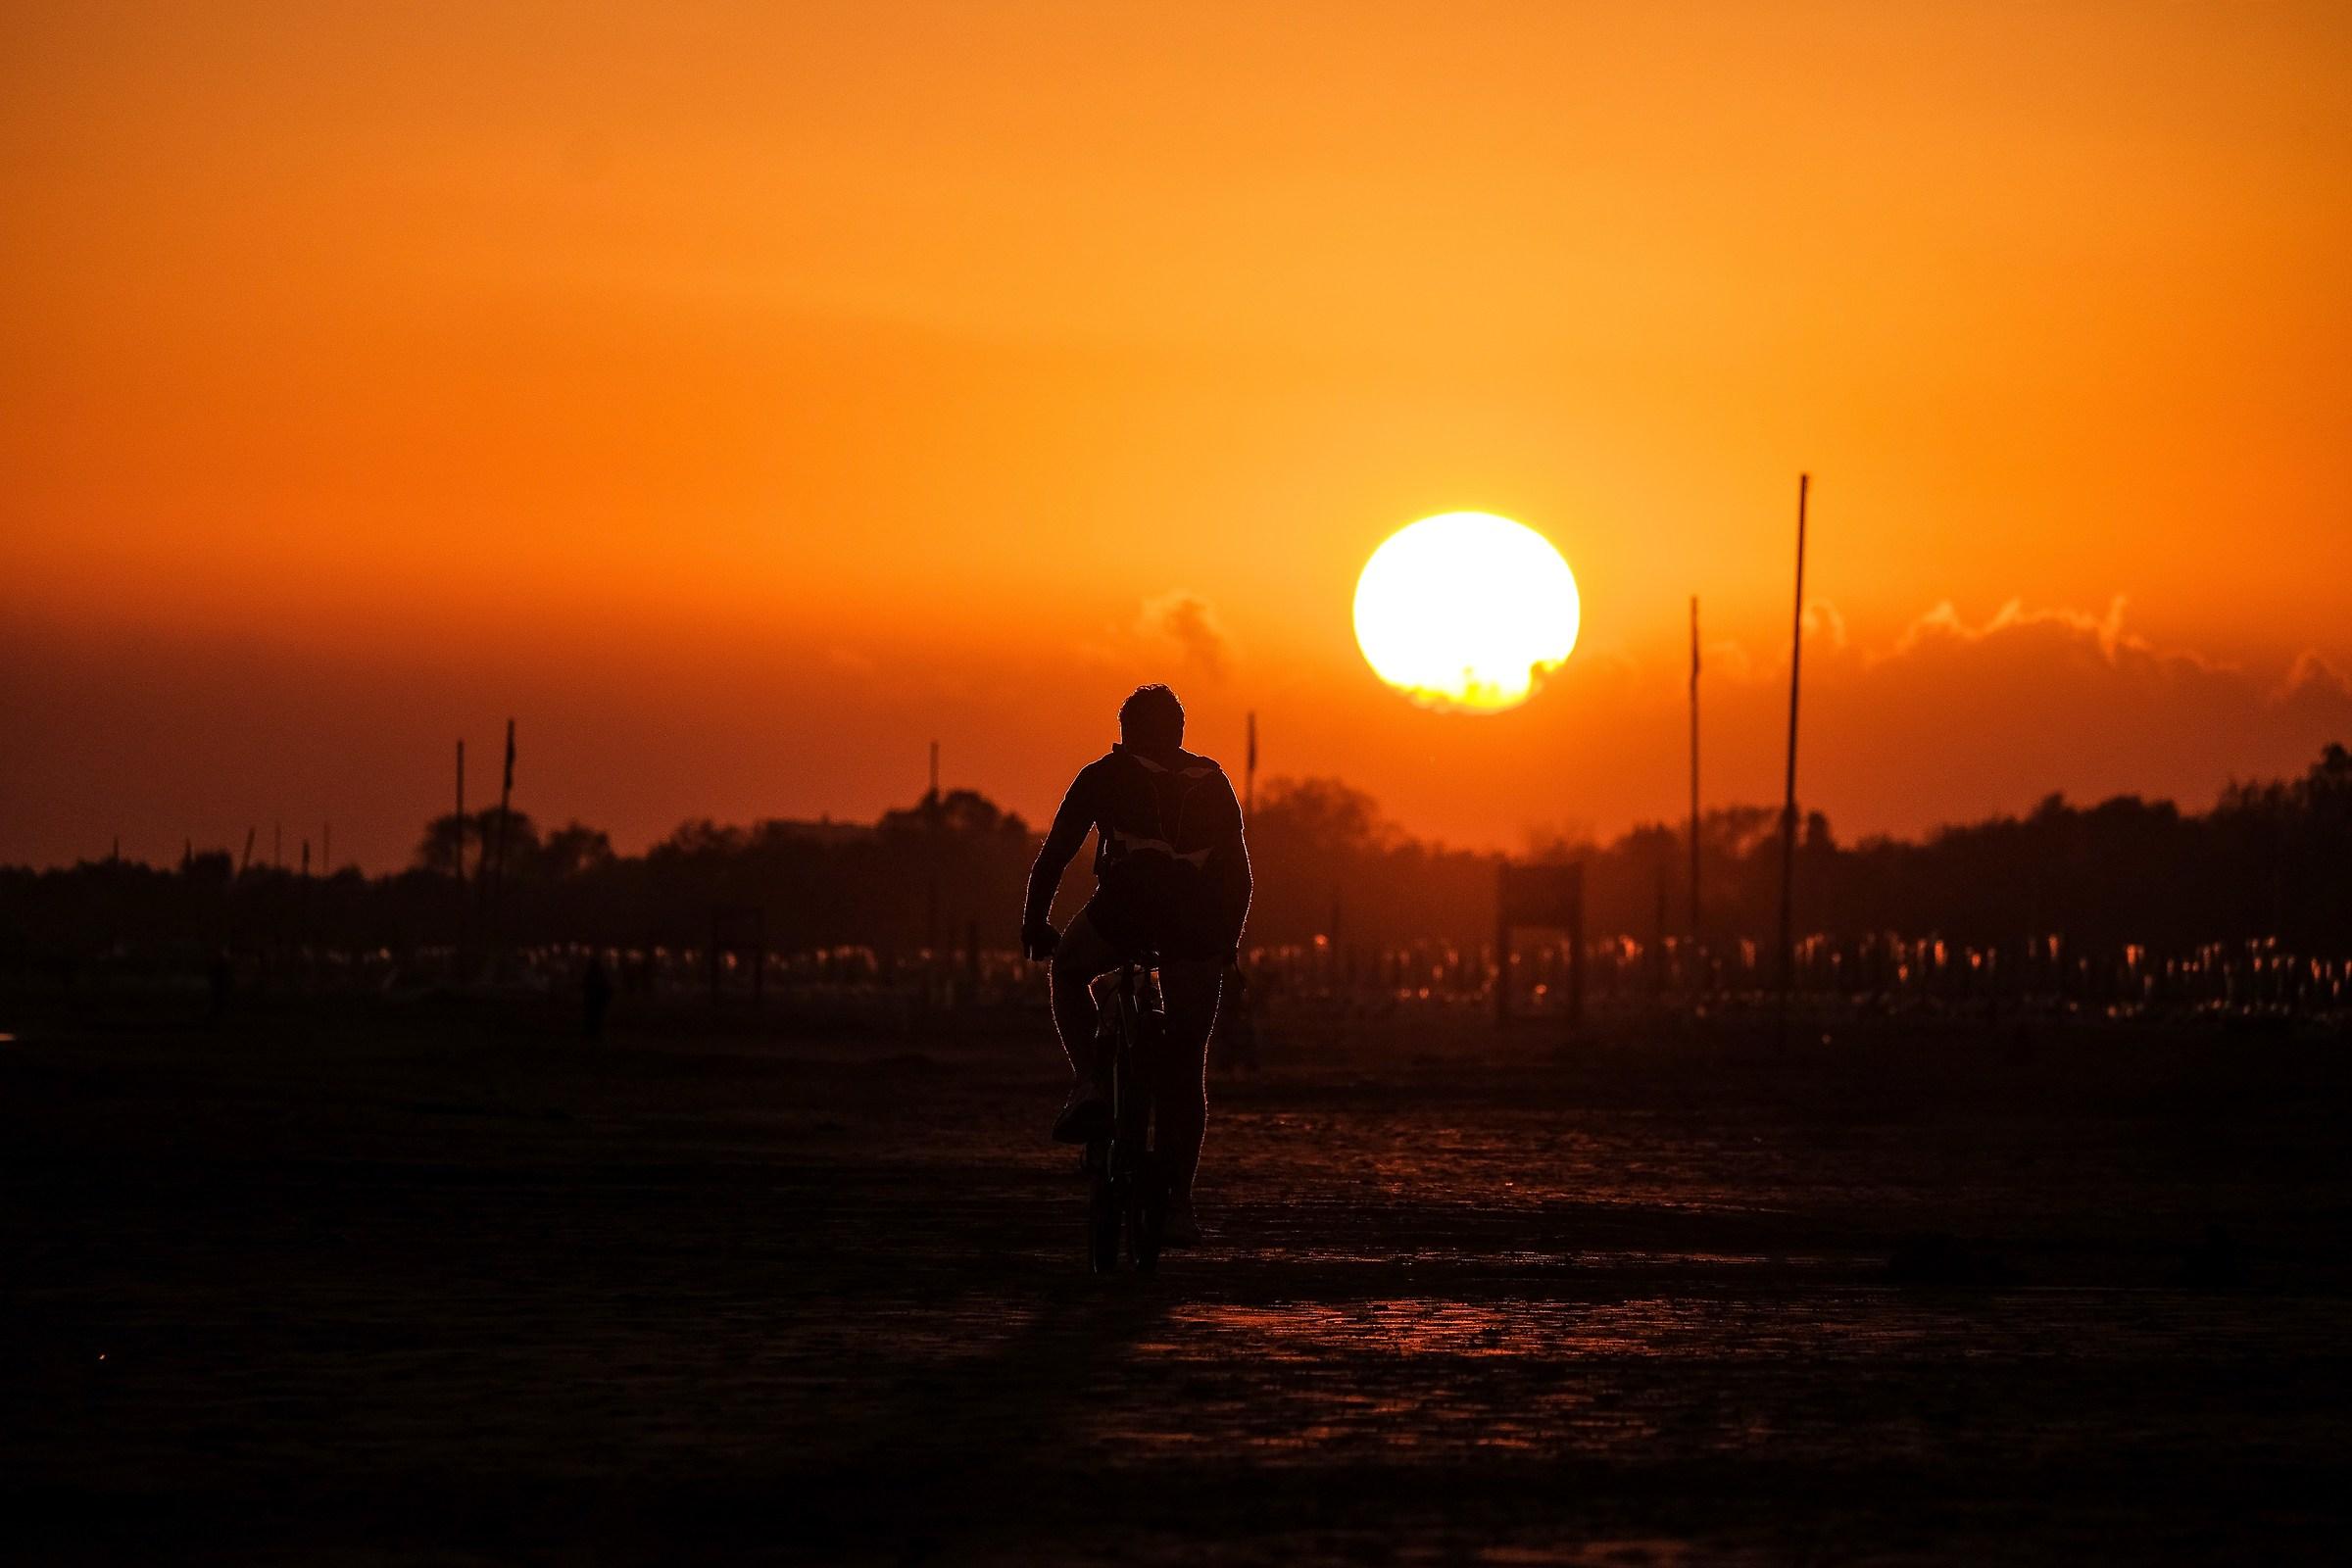 Verso il sole...